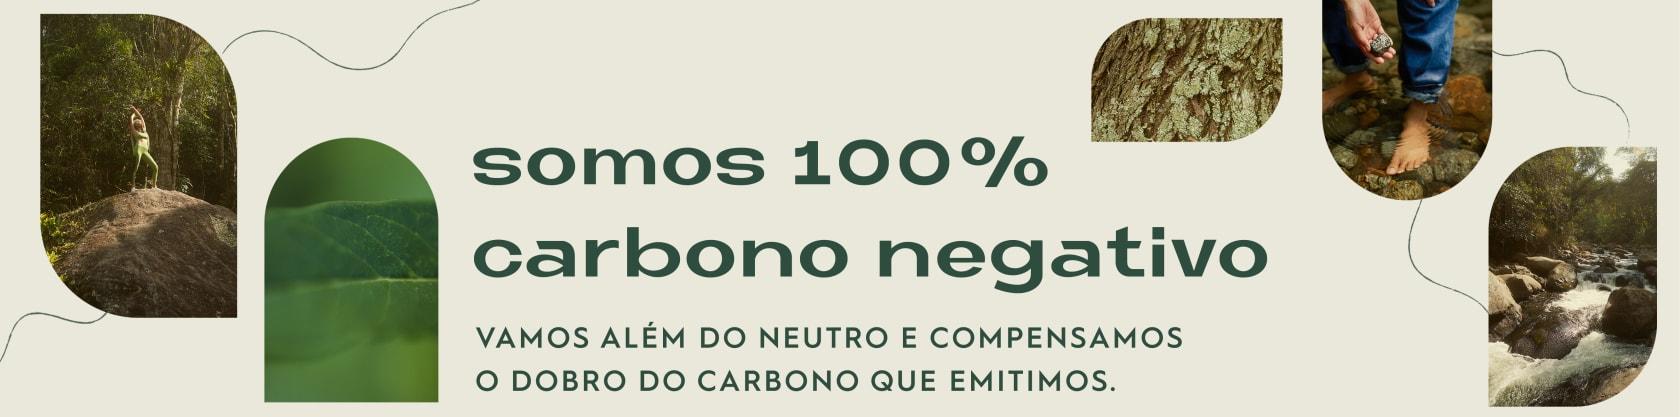 Somos 100% carbono negativo. Vamos além do neutro e compensamos o dobro do carbono que emitimos.